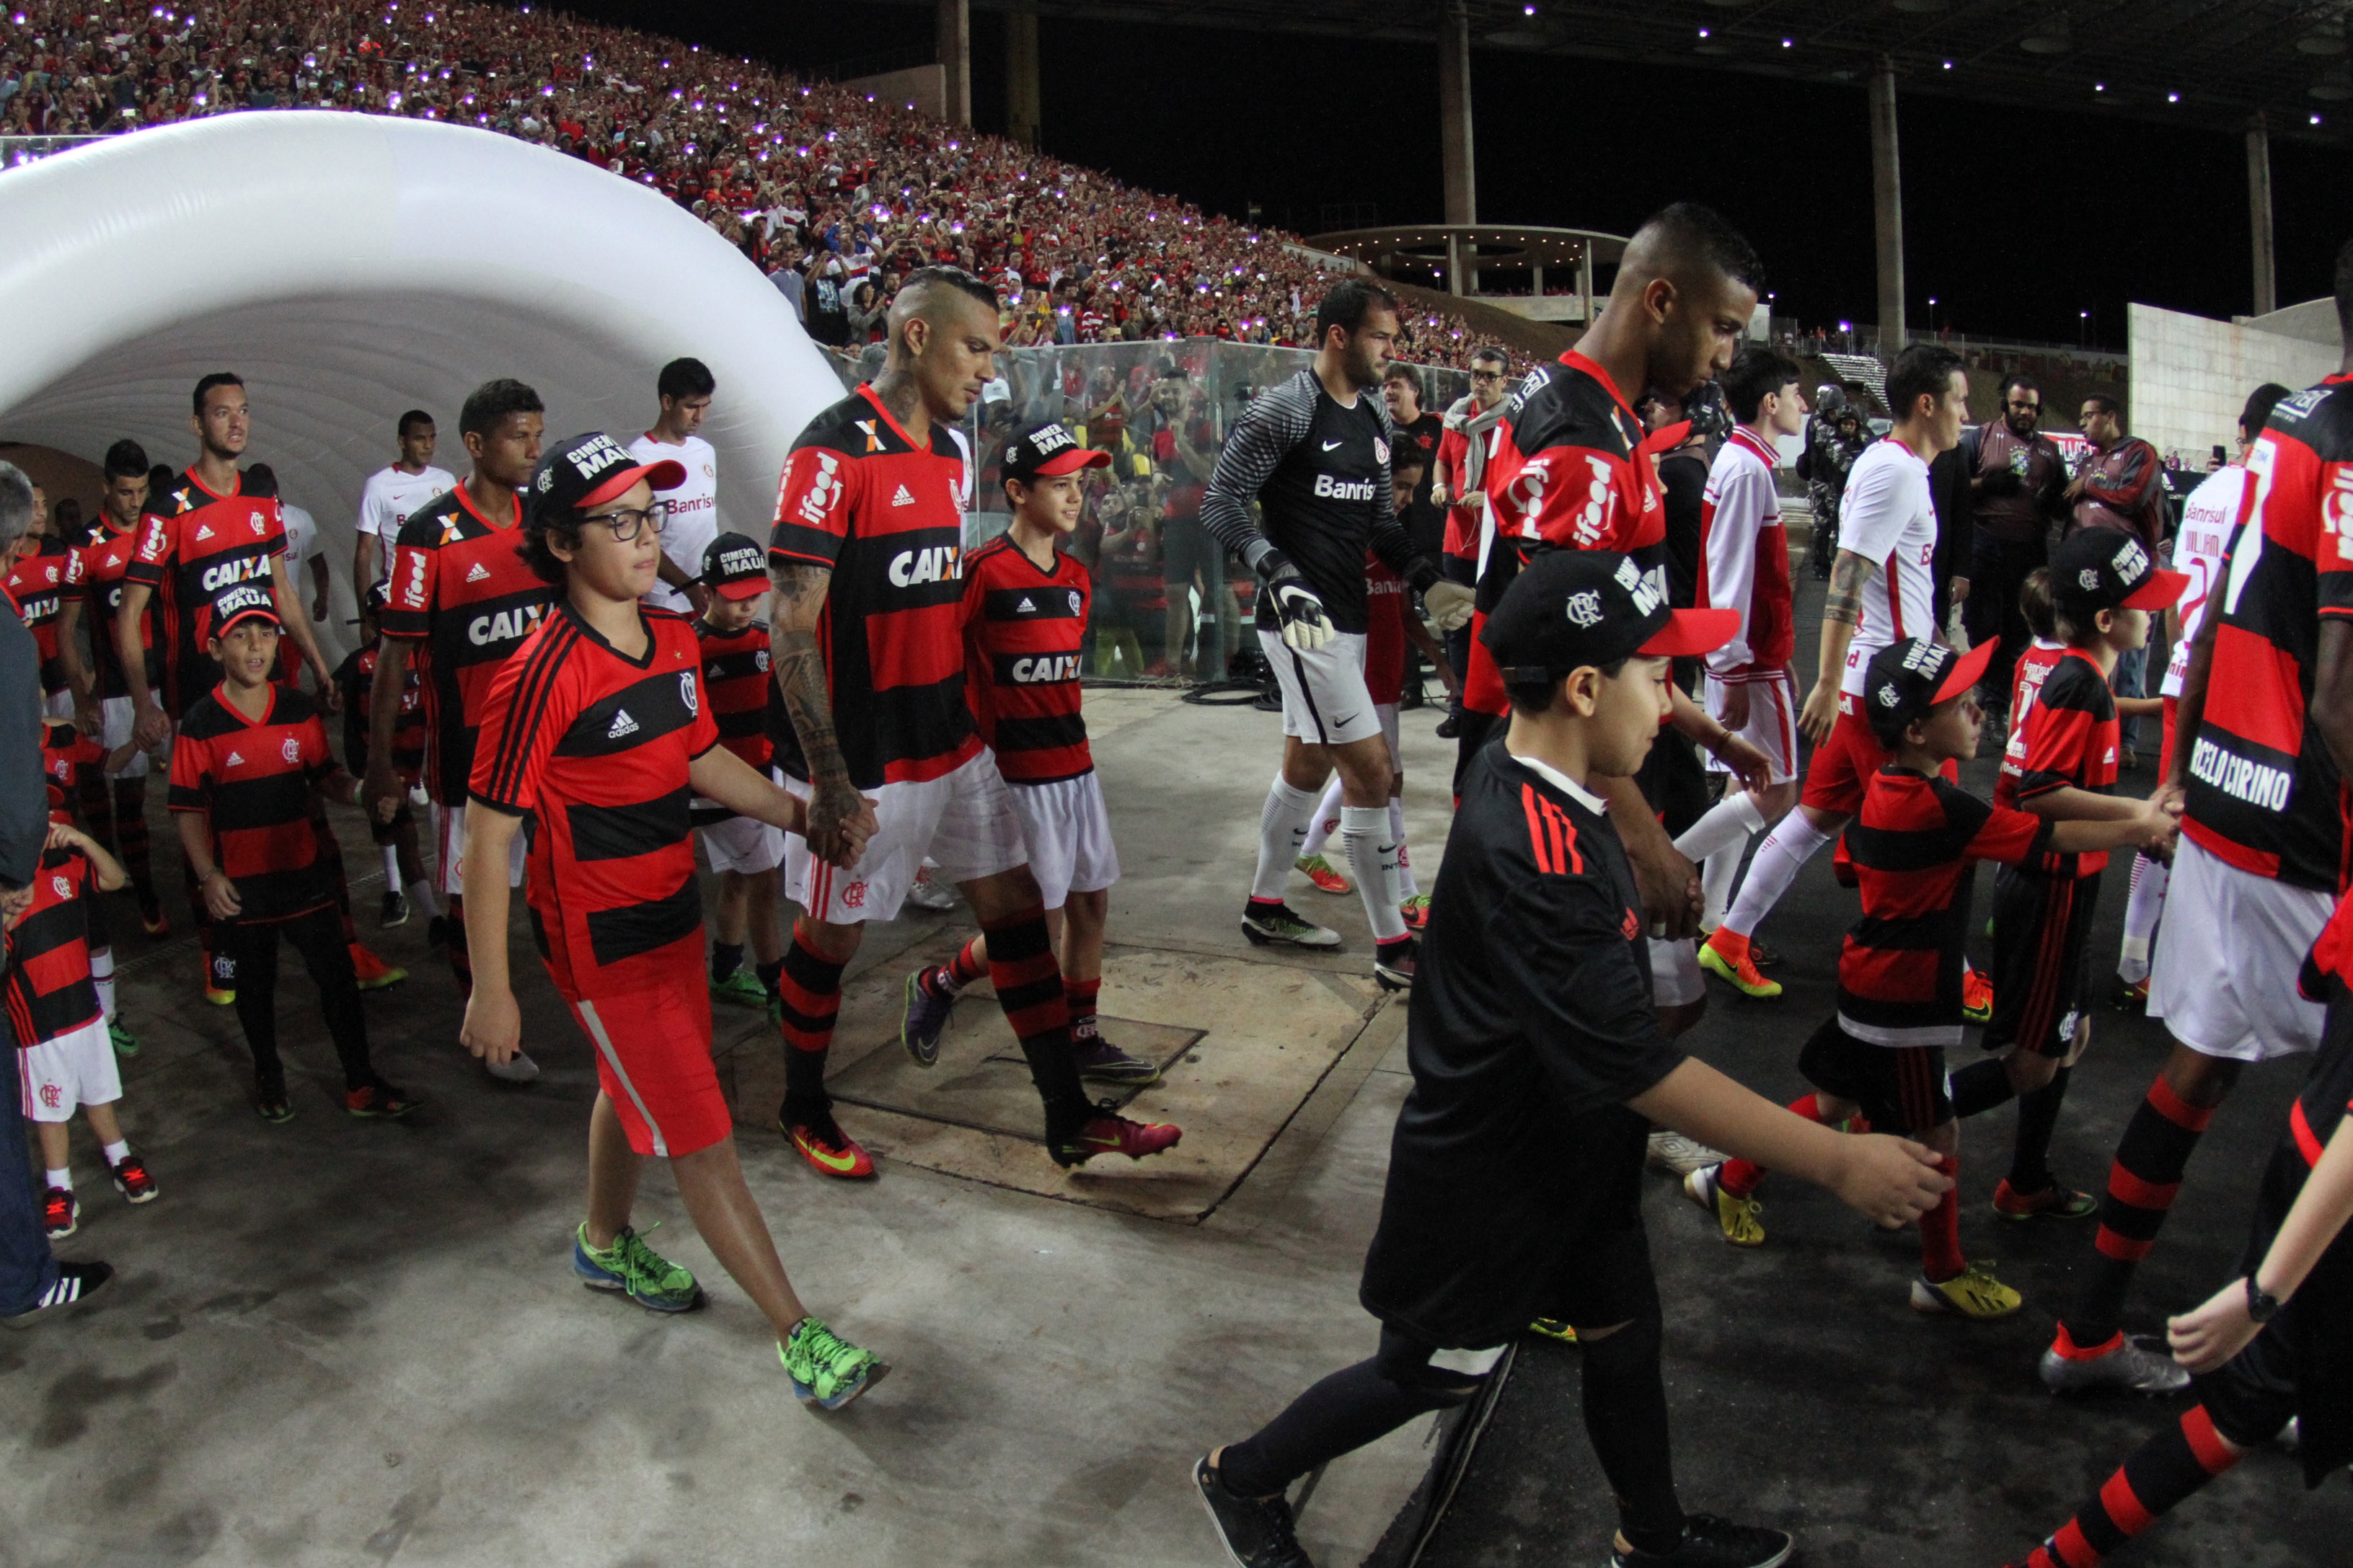 Ingressos para jogo do Flamengo no ES já estão esgotados | Folha ...